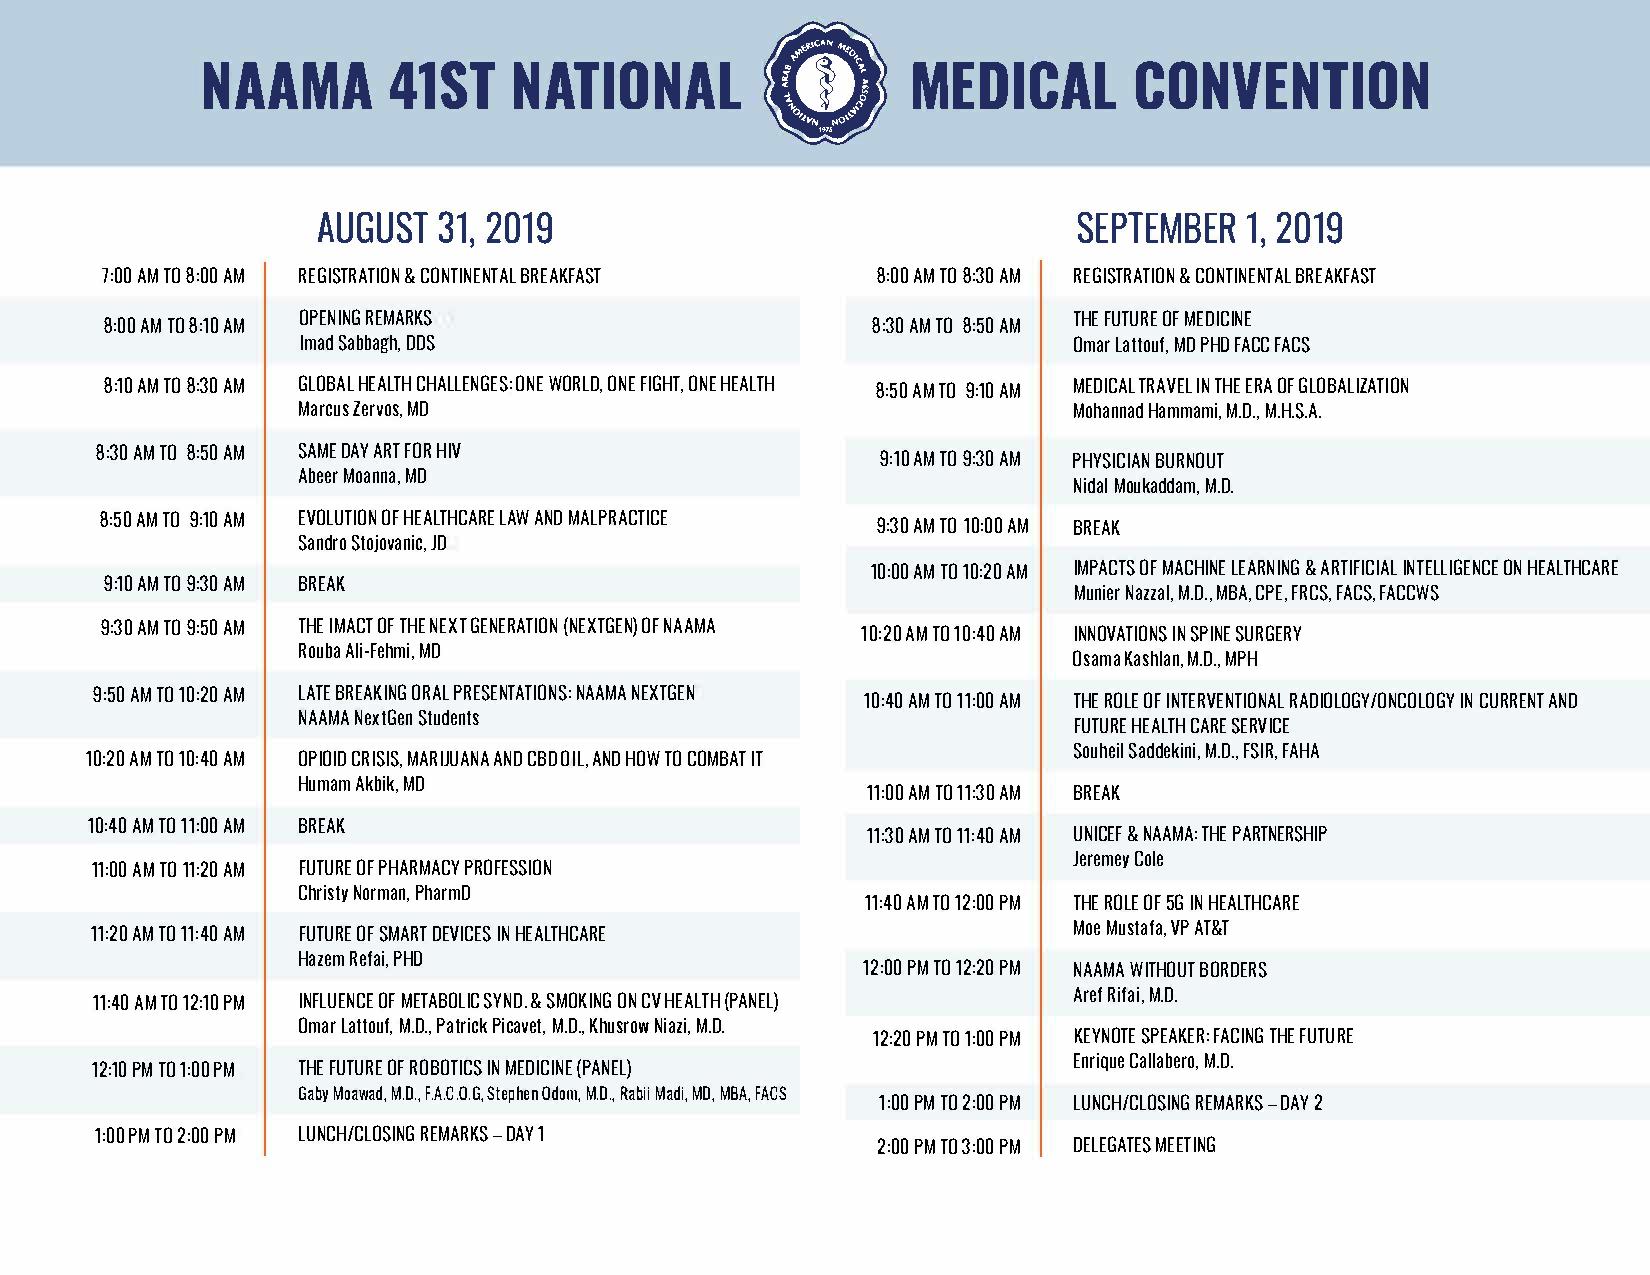 NAAMA_Schedule V4.png